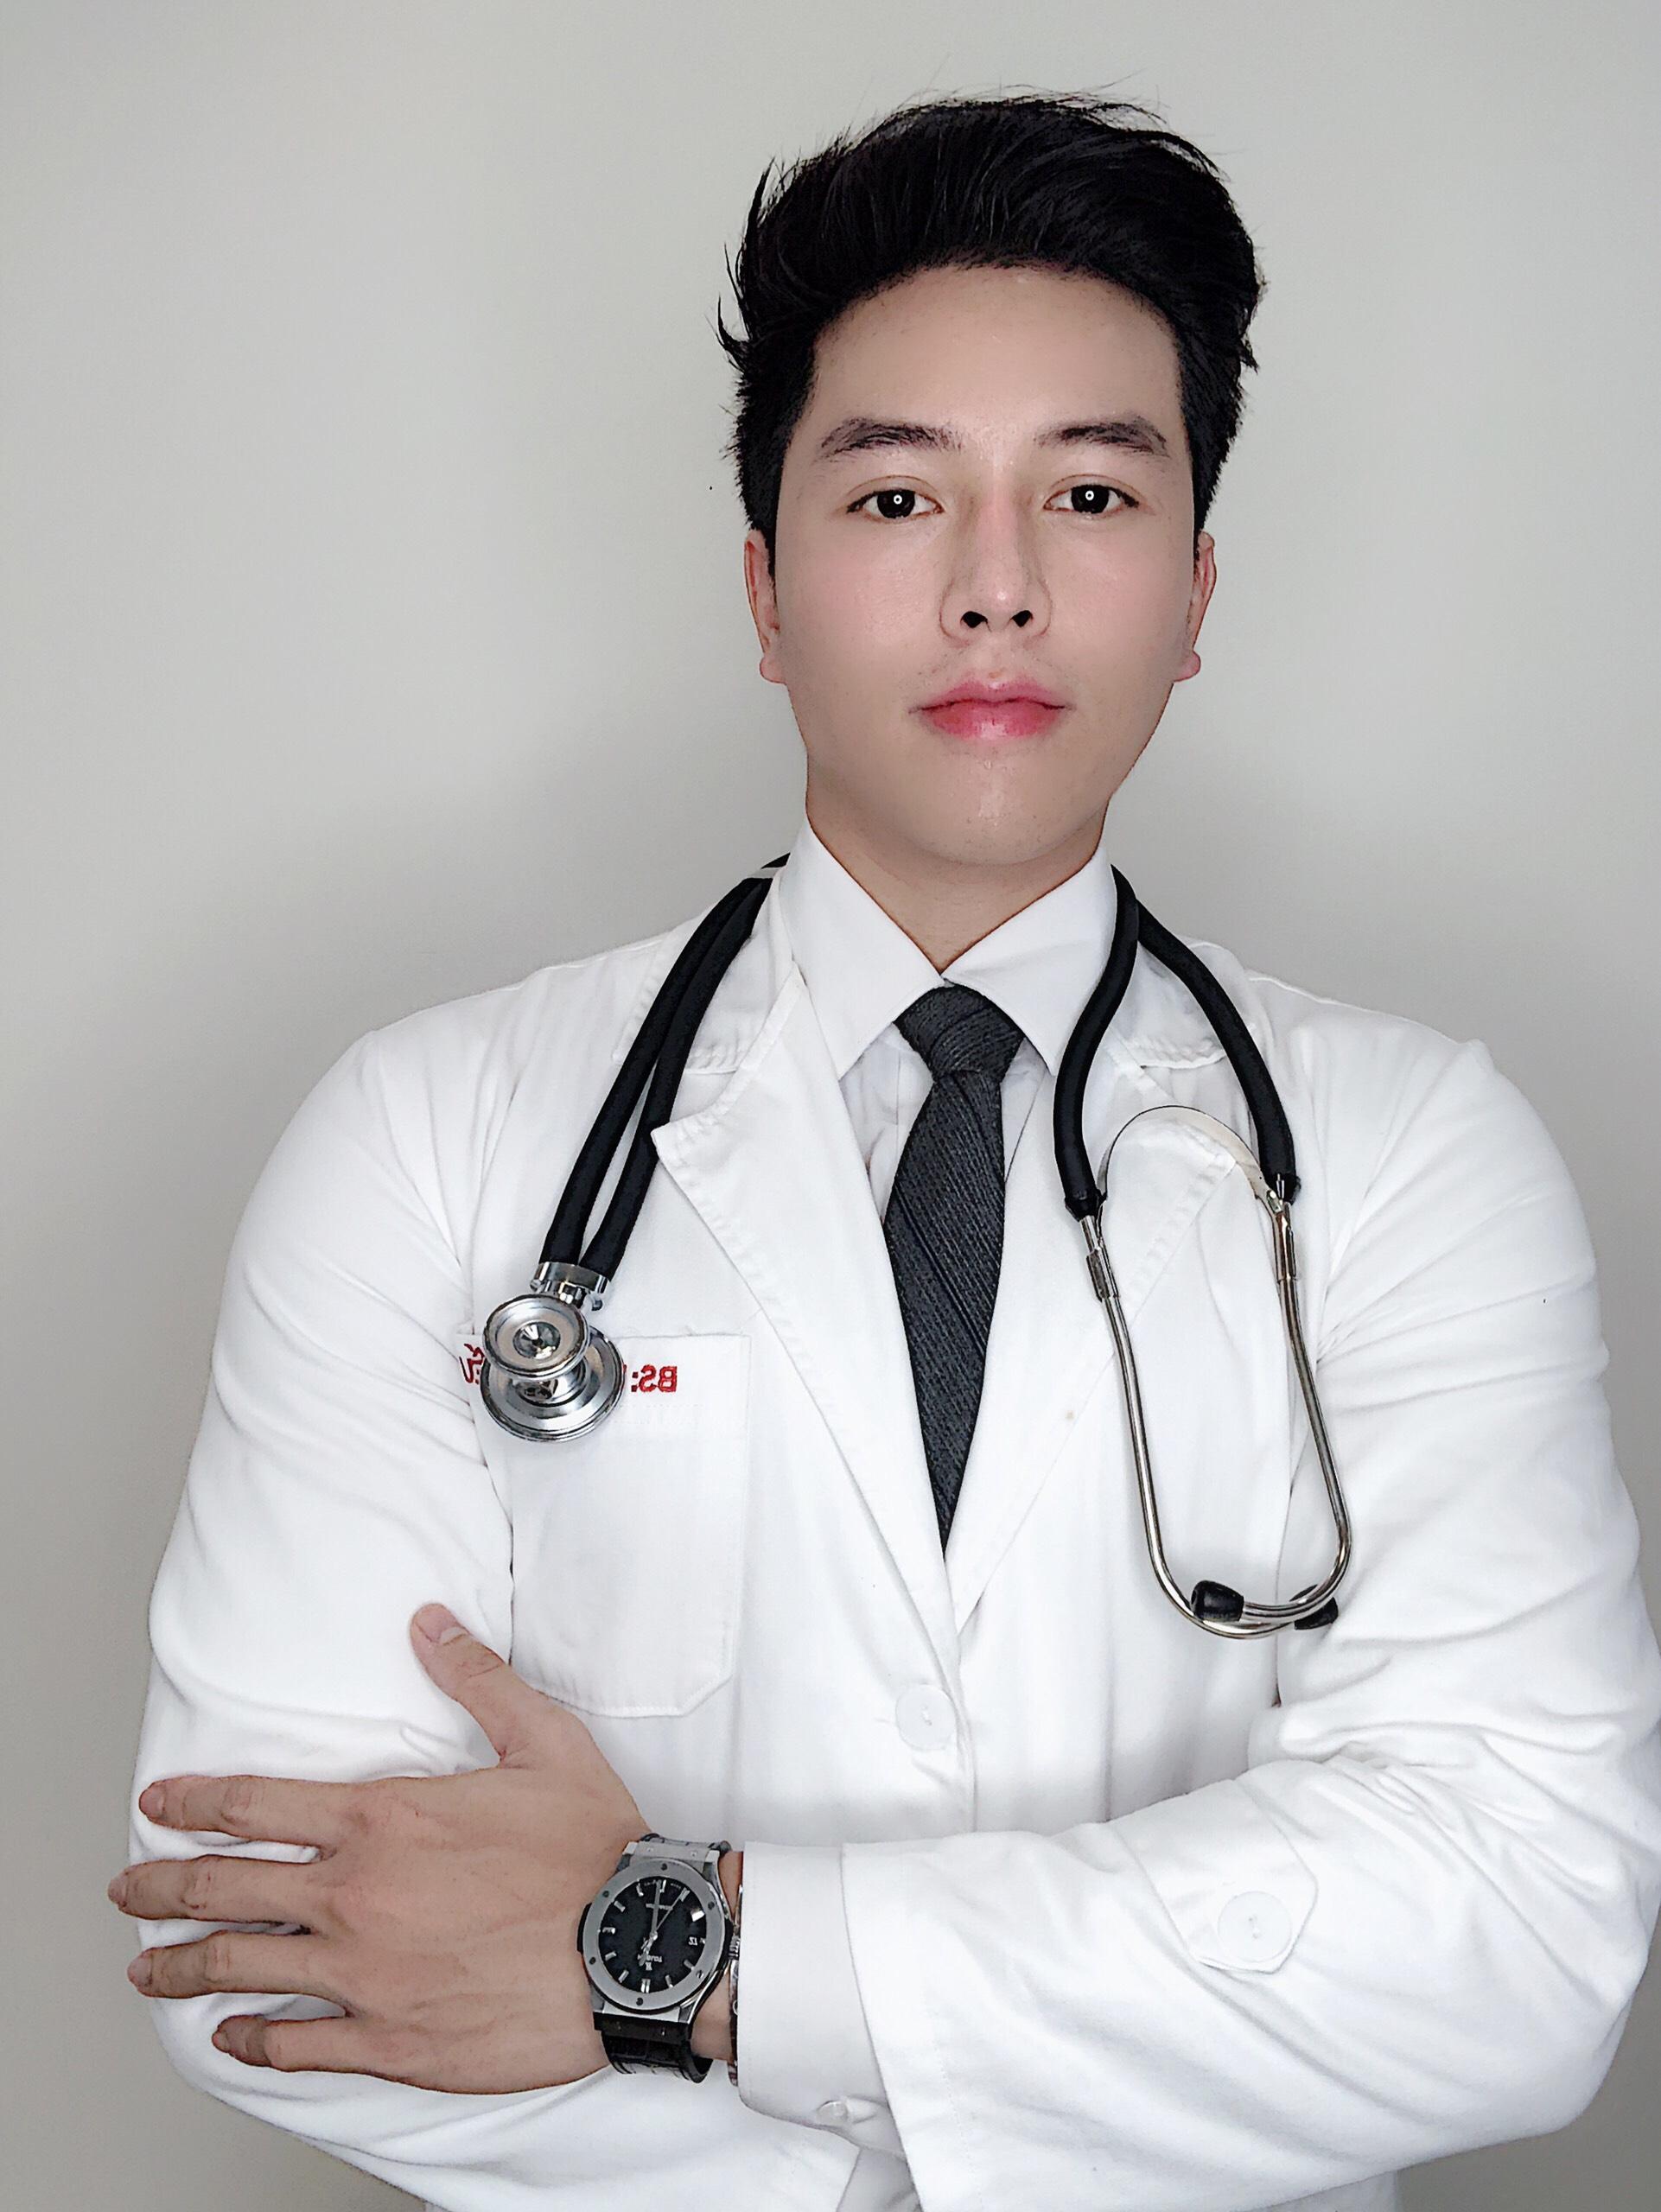 Đinh Huy Bình là chàng bác sĩ thẩm mỹ đang gây chú ý trên TikTok gần đây với gần 450 nghìn người theo dõi. Kênh của anh chàng có nhiều clip vượt mốc triệu view, viral trên mạng xã hội.